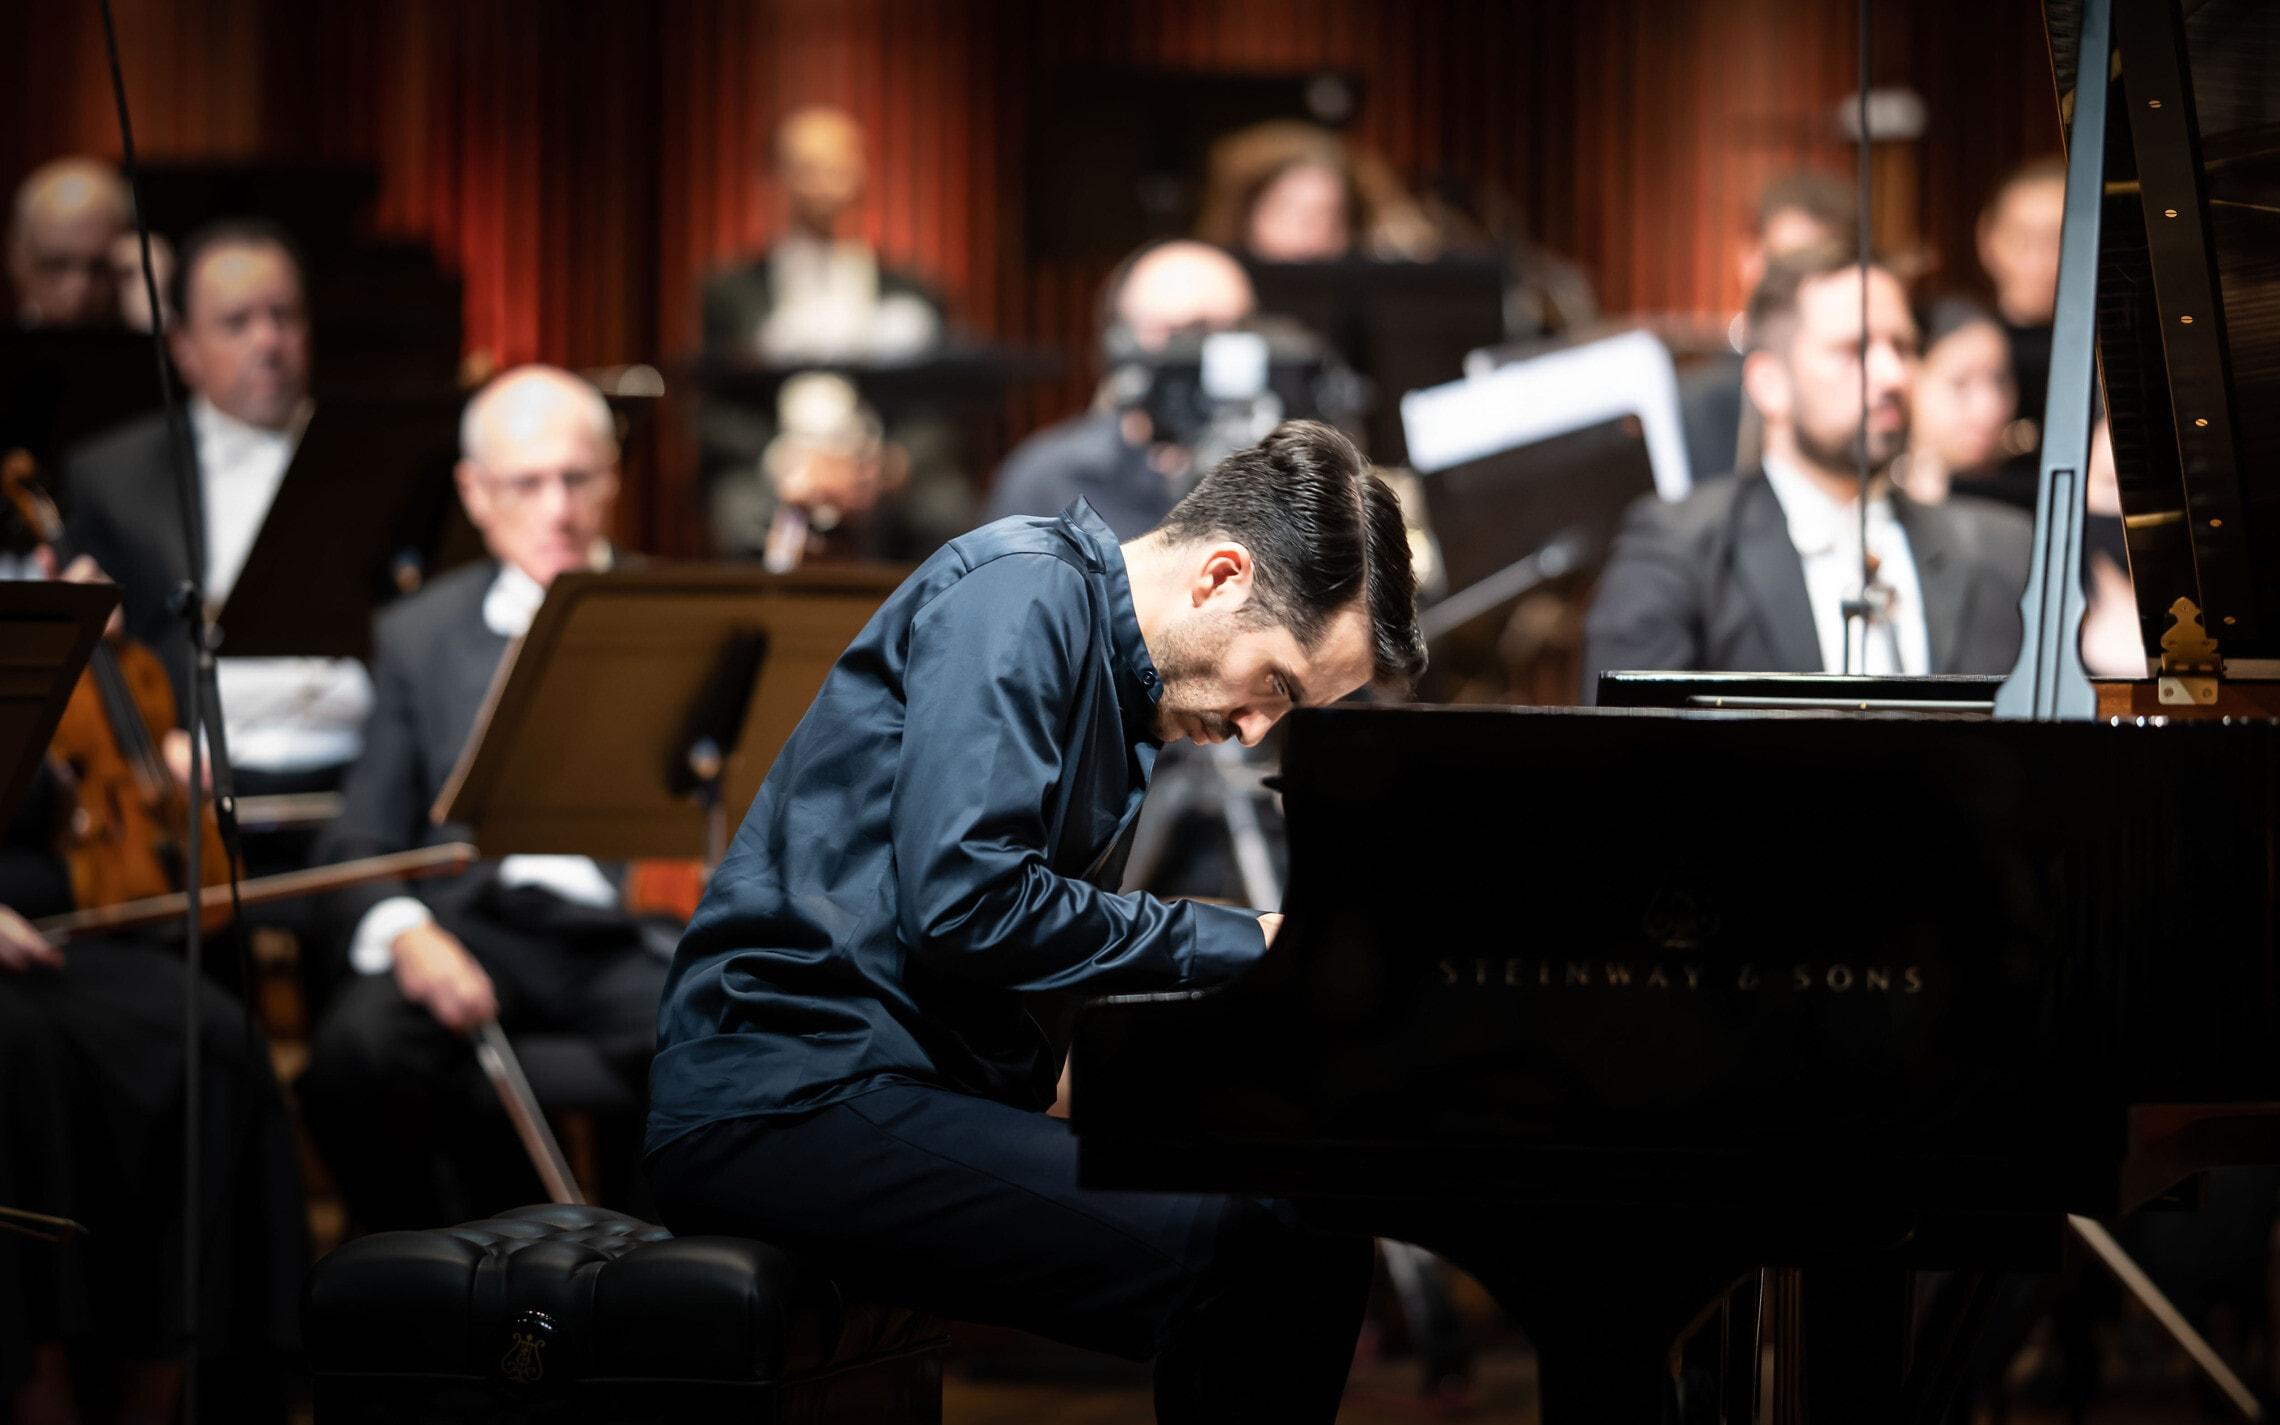 חואן פרז פלוריסטן מנגן בתחרות רובינשטיין לפסנתר בישראל, מאי 2021 (צילום: יואל לוי)